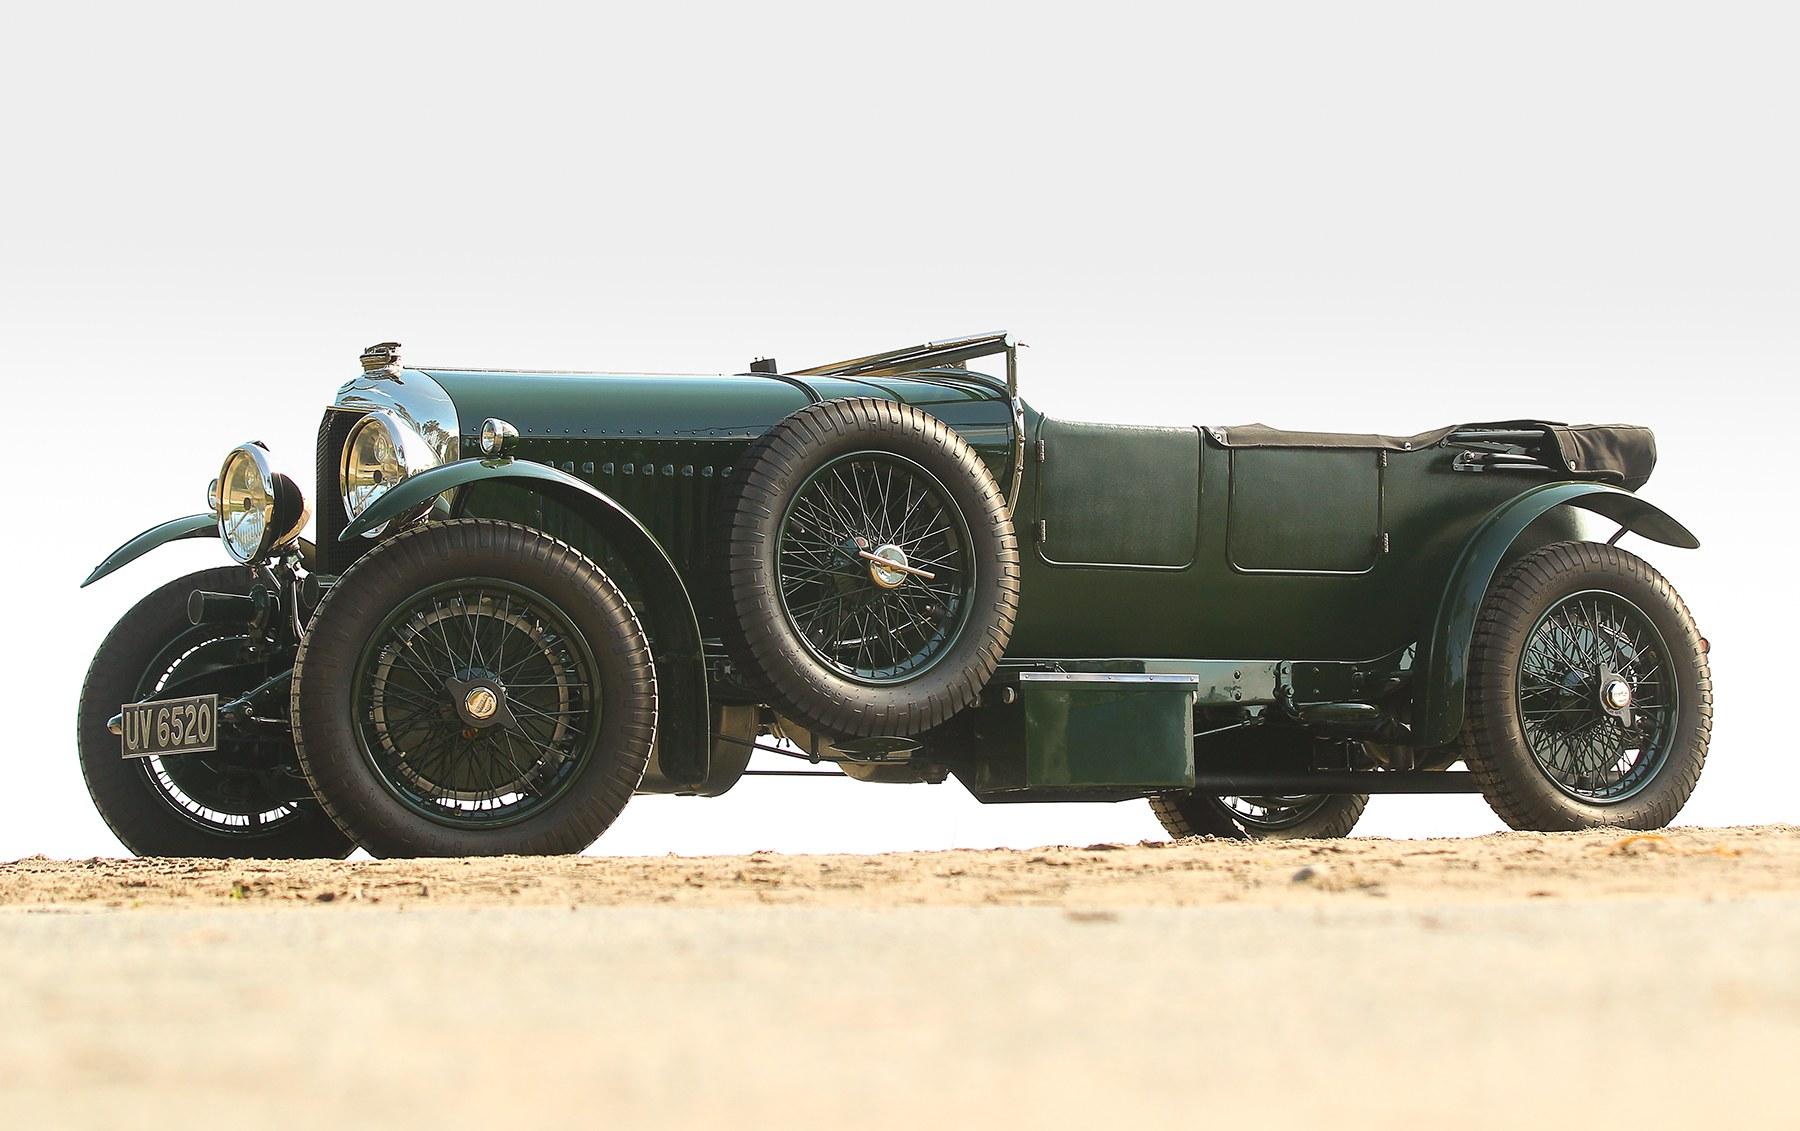 1928 Bentley 4 1/2 Litre Semi-Le Mans Sports Tourer